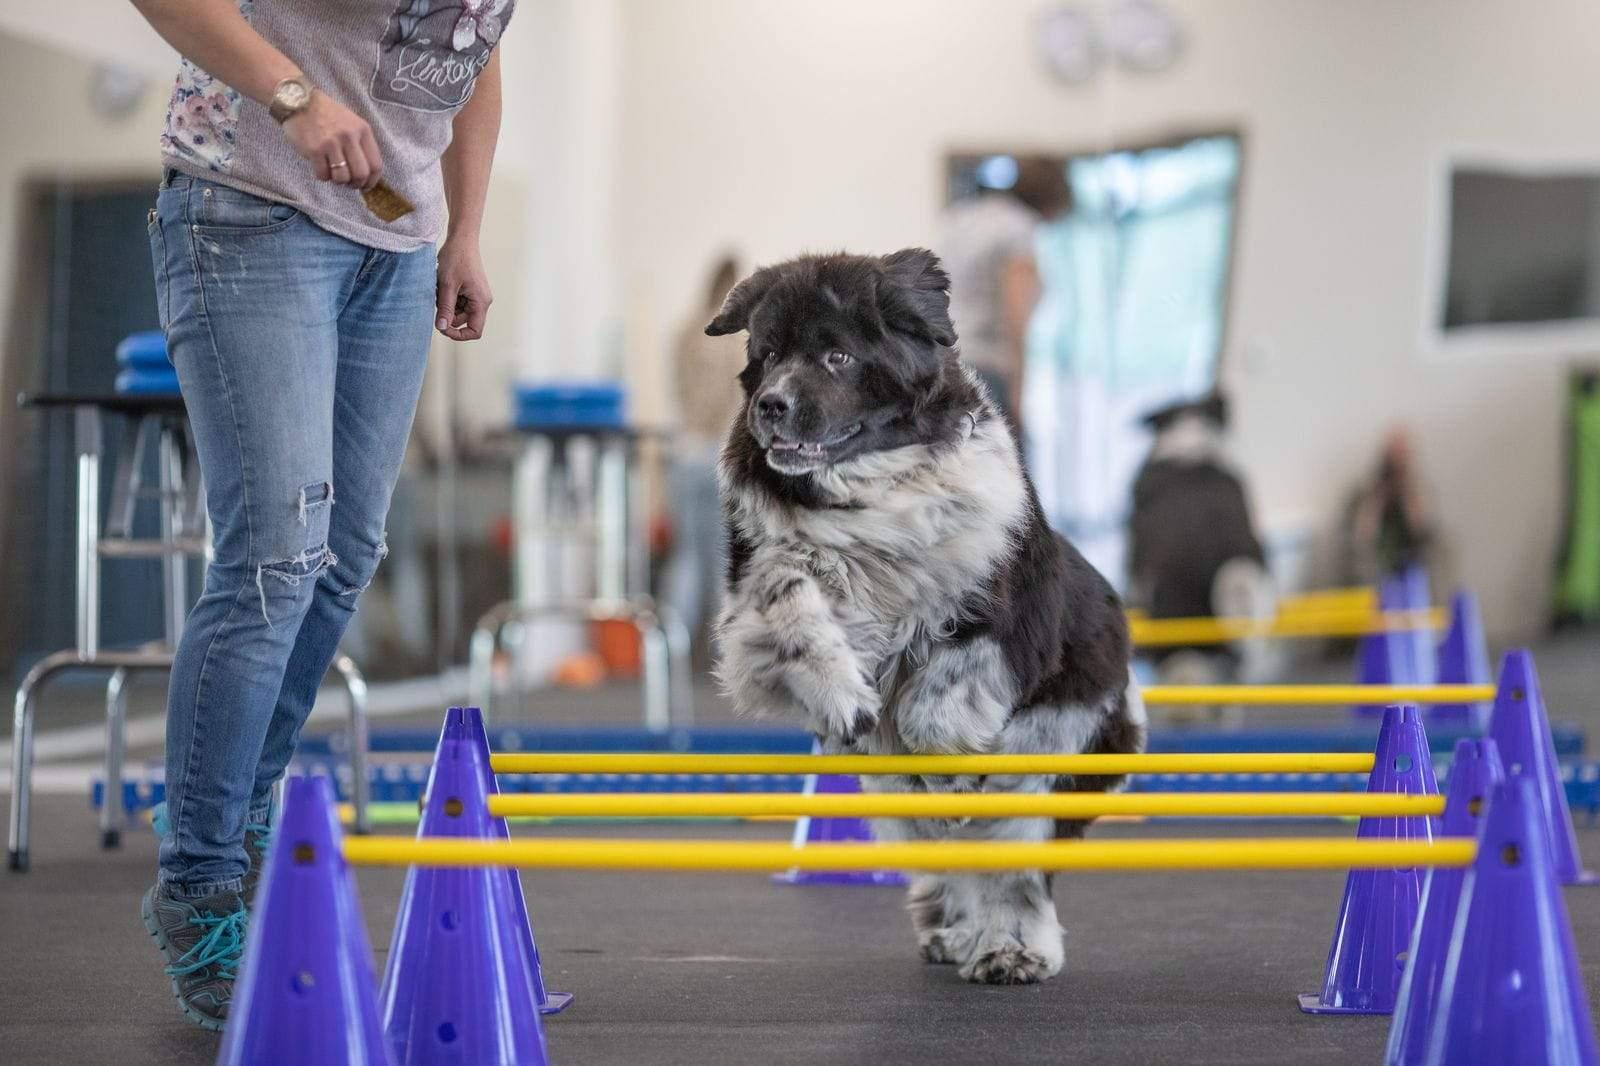 Найкраще тренувати собаку під наглядом фахівця